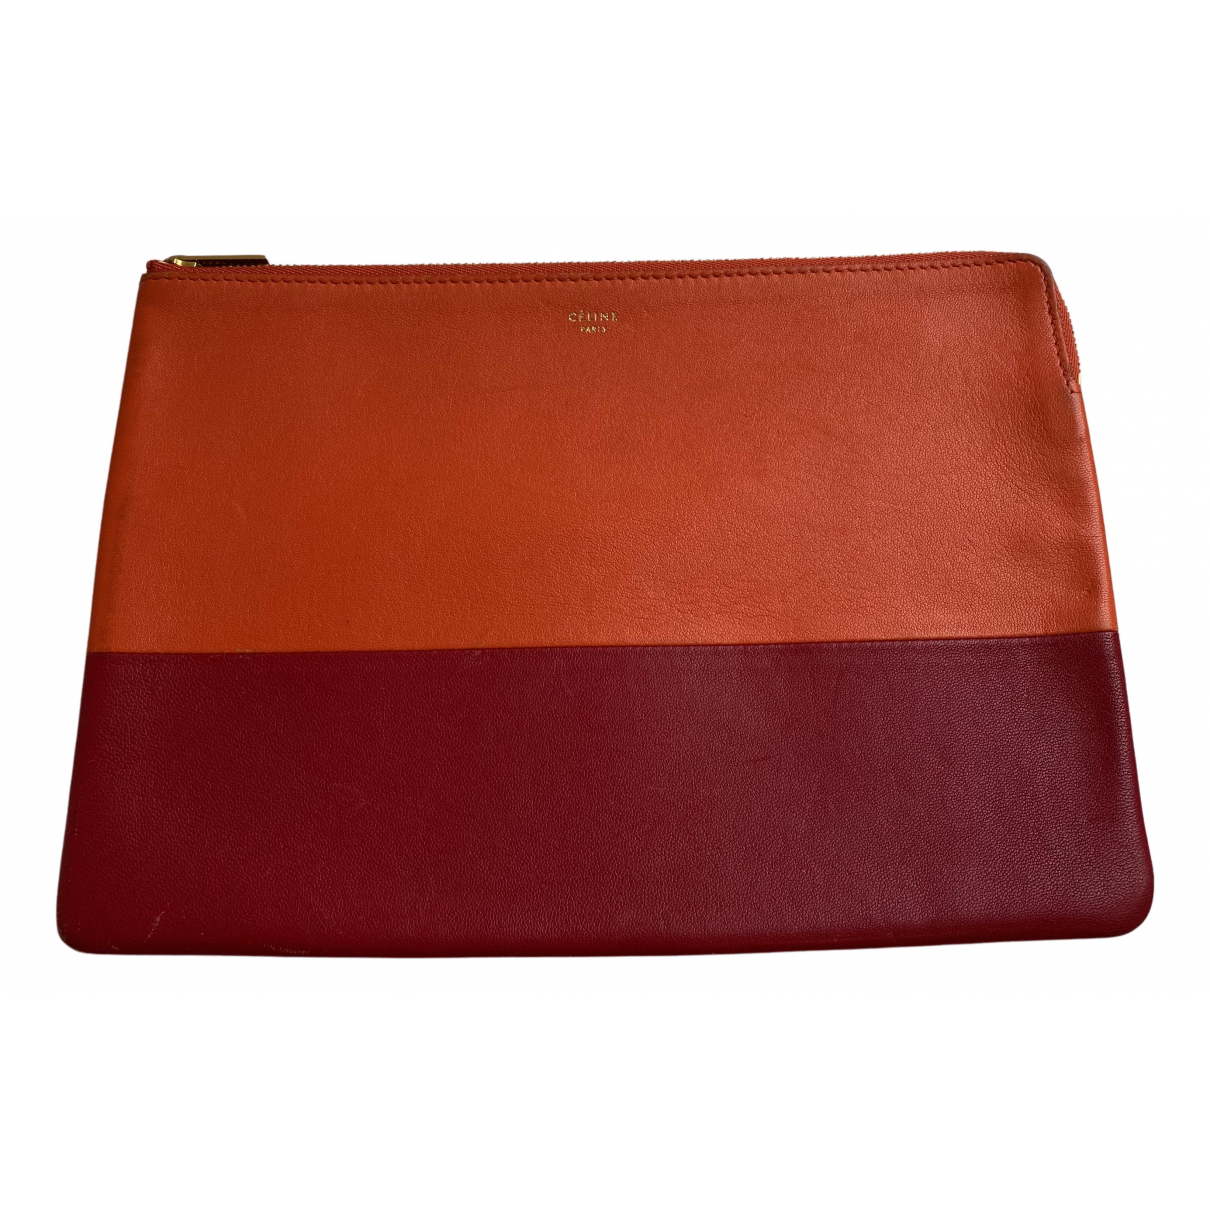 Celine \N Clutch in  Orange Leder